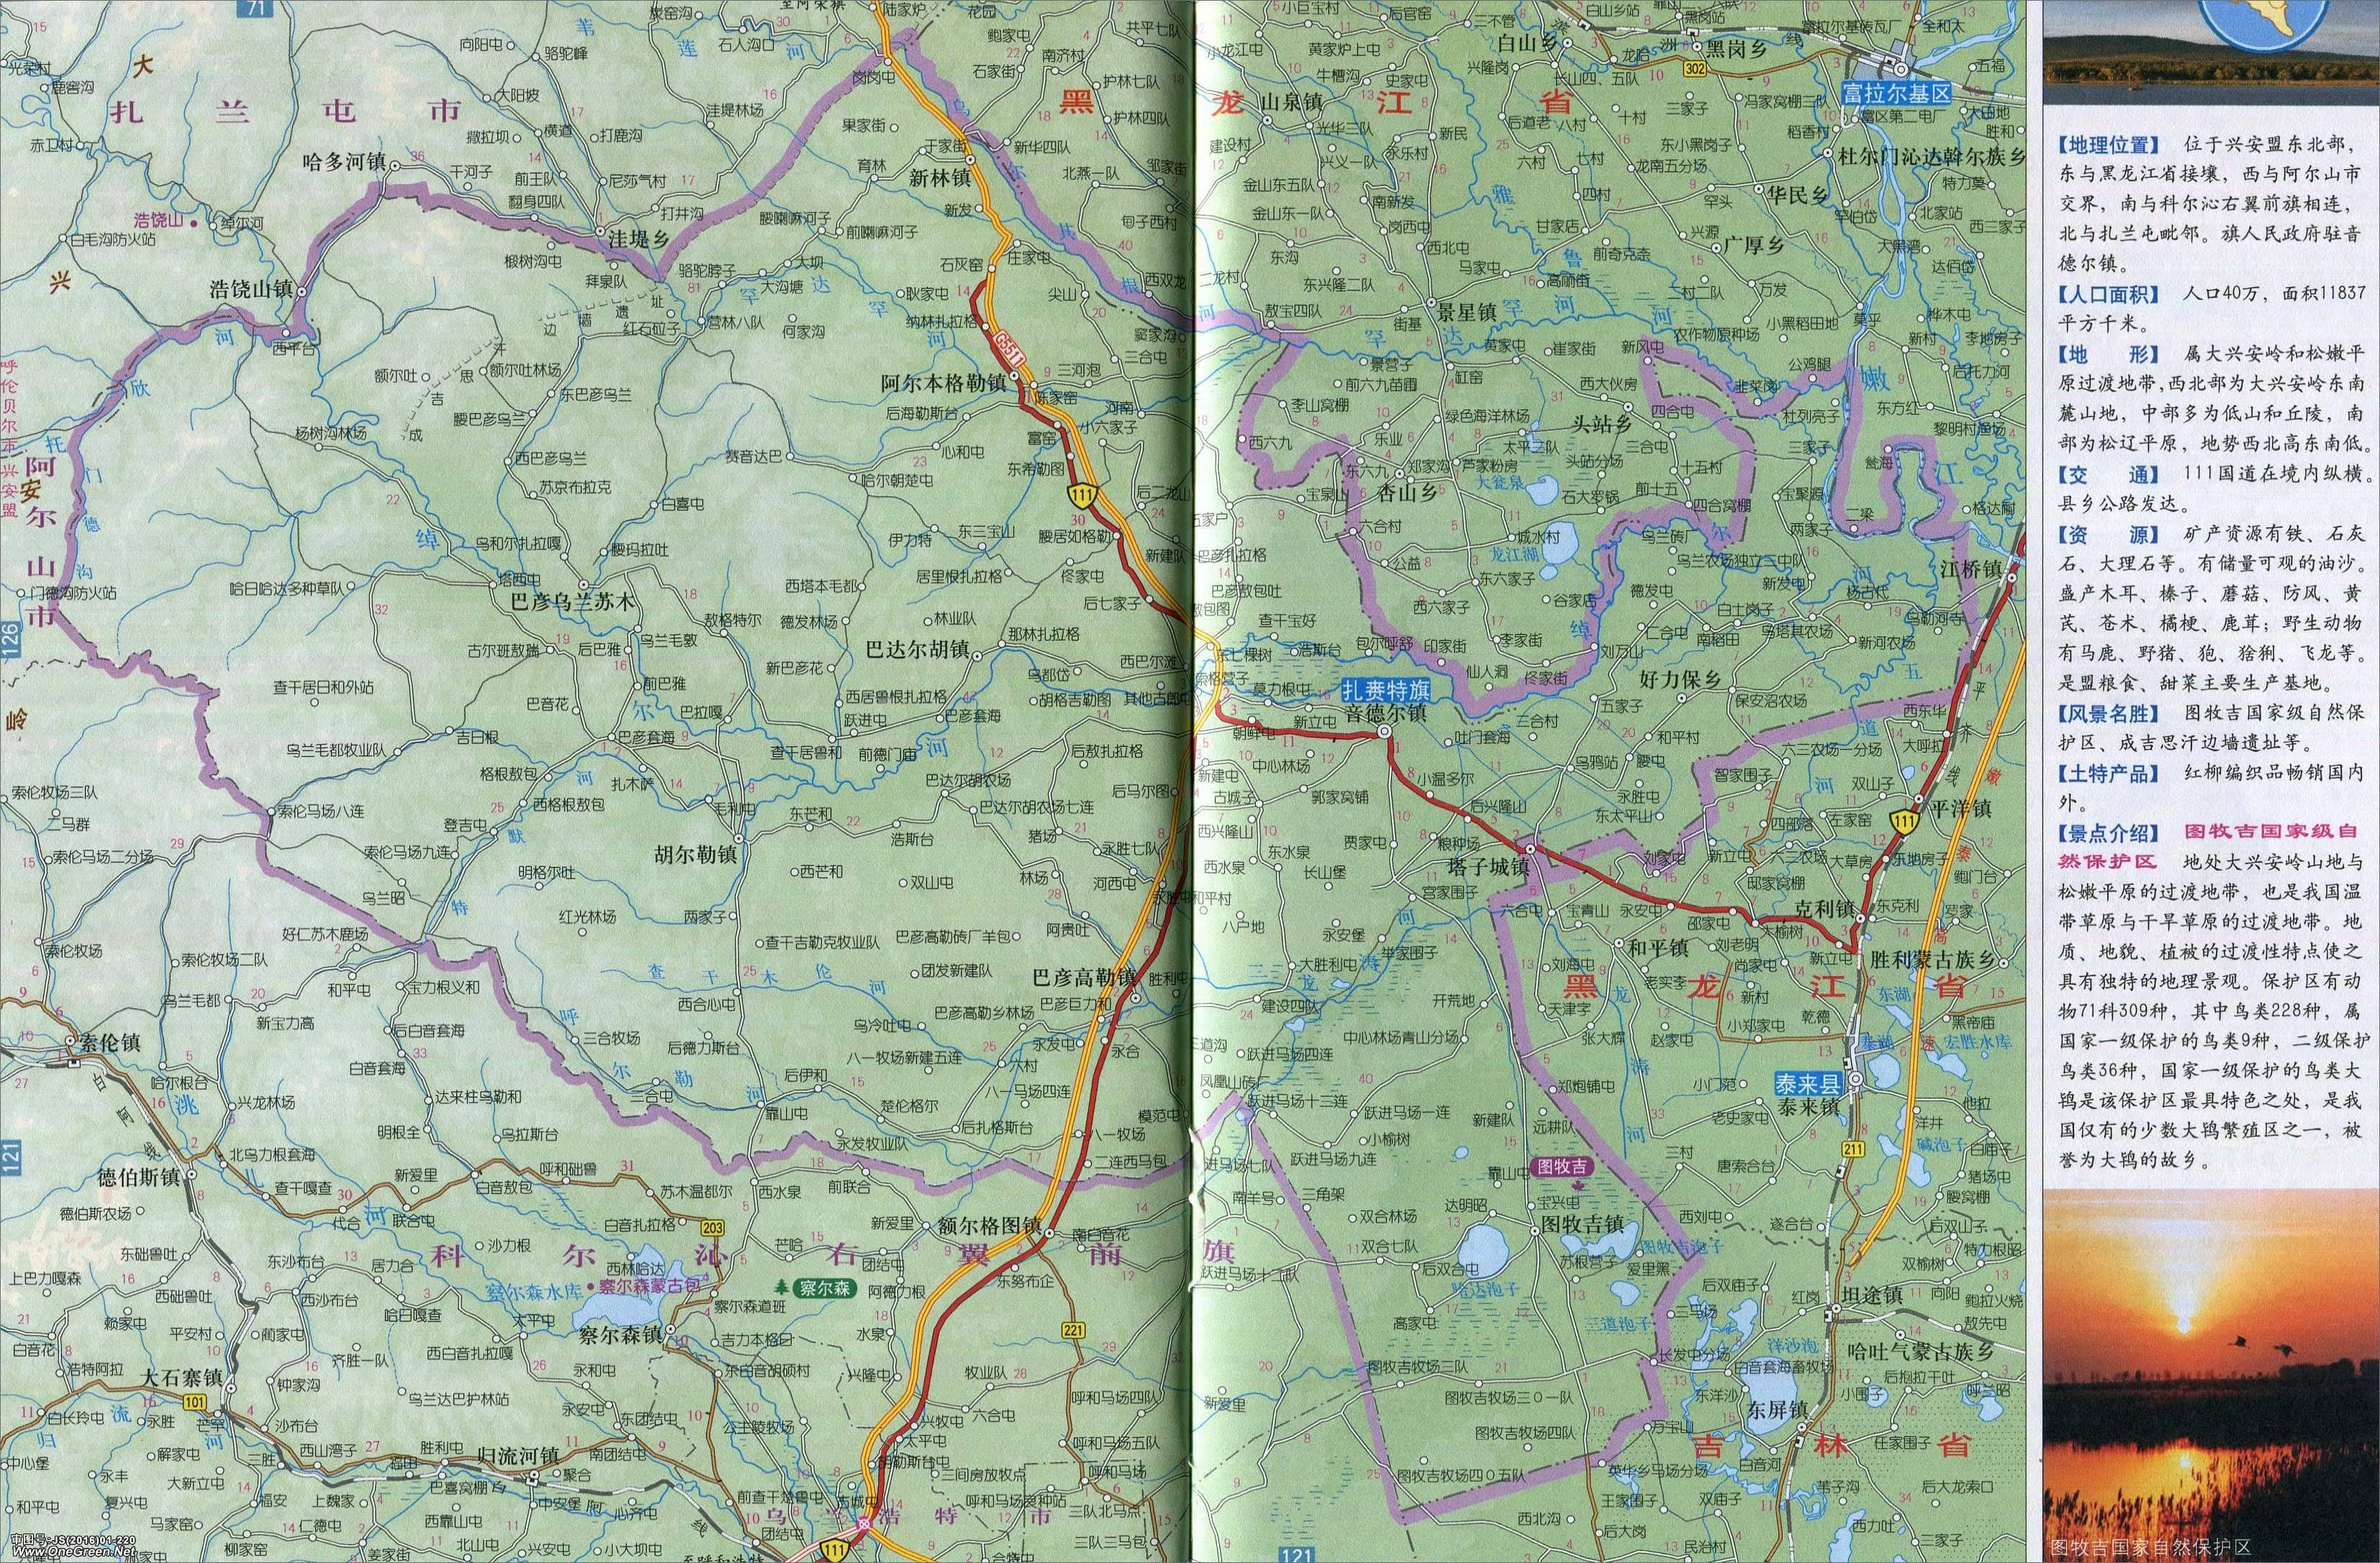 兴安盟科右中旗地图_扎赉特旗地图_兴安盟地图库_地图窝